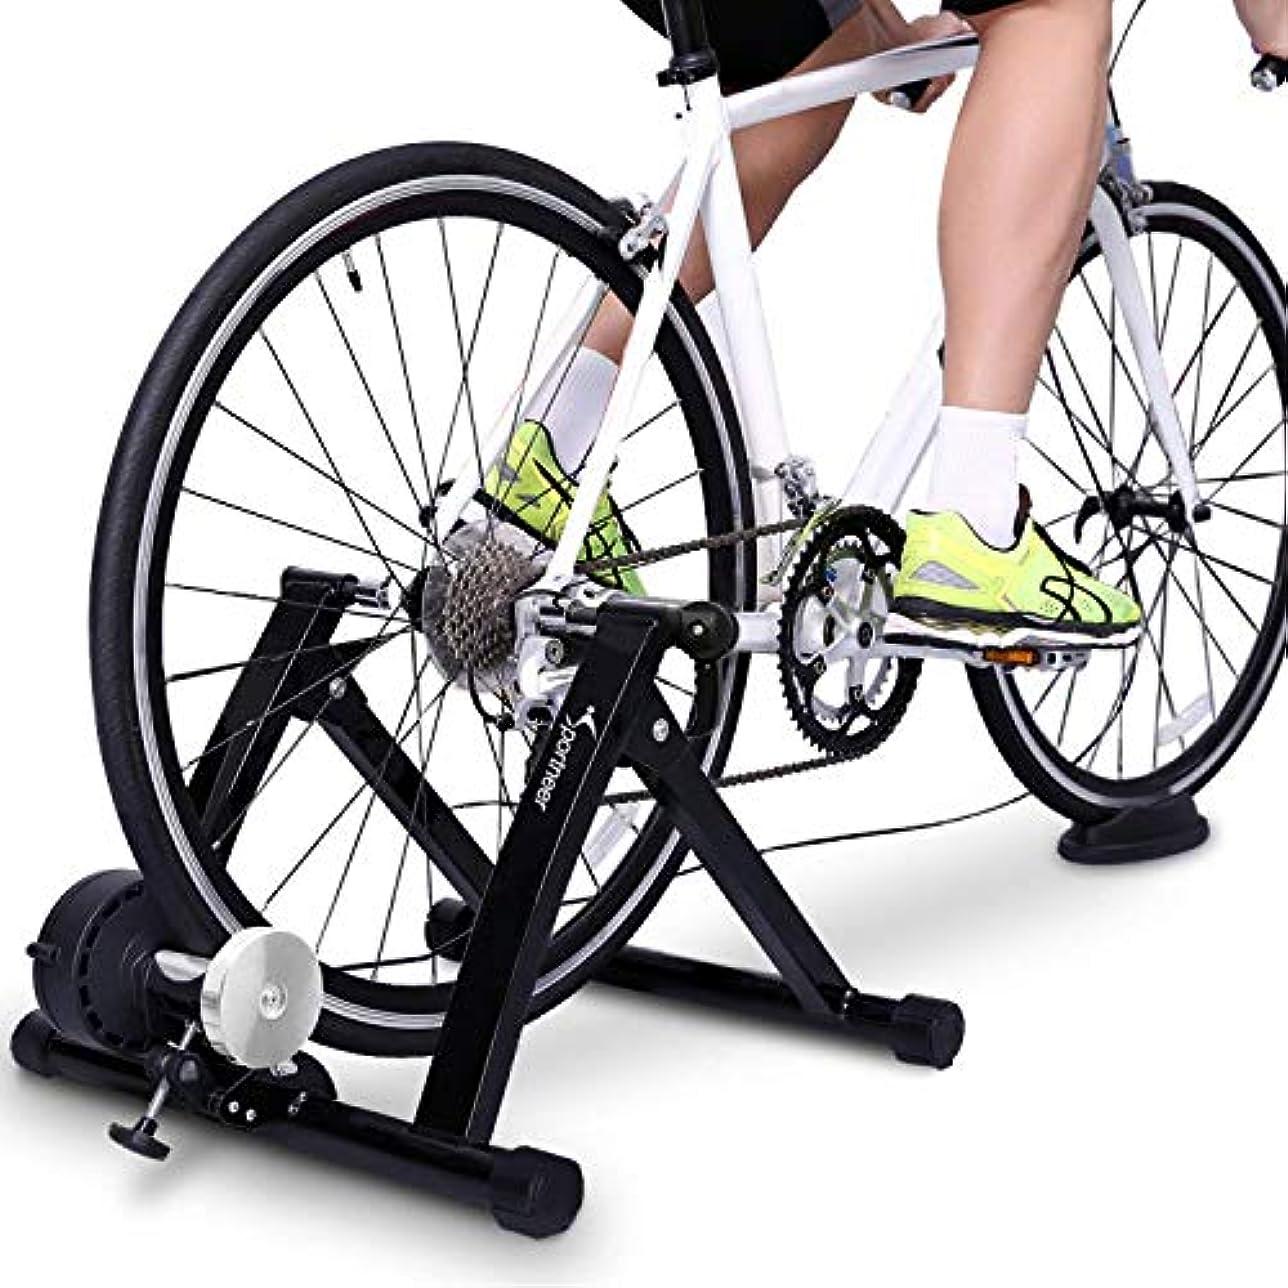 利益生きる印象的なスチールバイク自転車トレーナー練習と磁気スタンドノイズリダクションホイールby sportneer